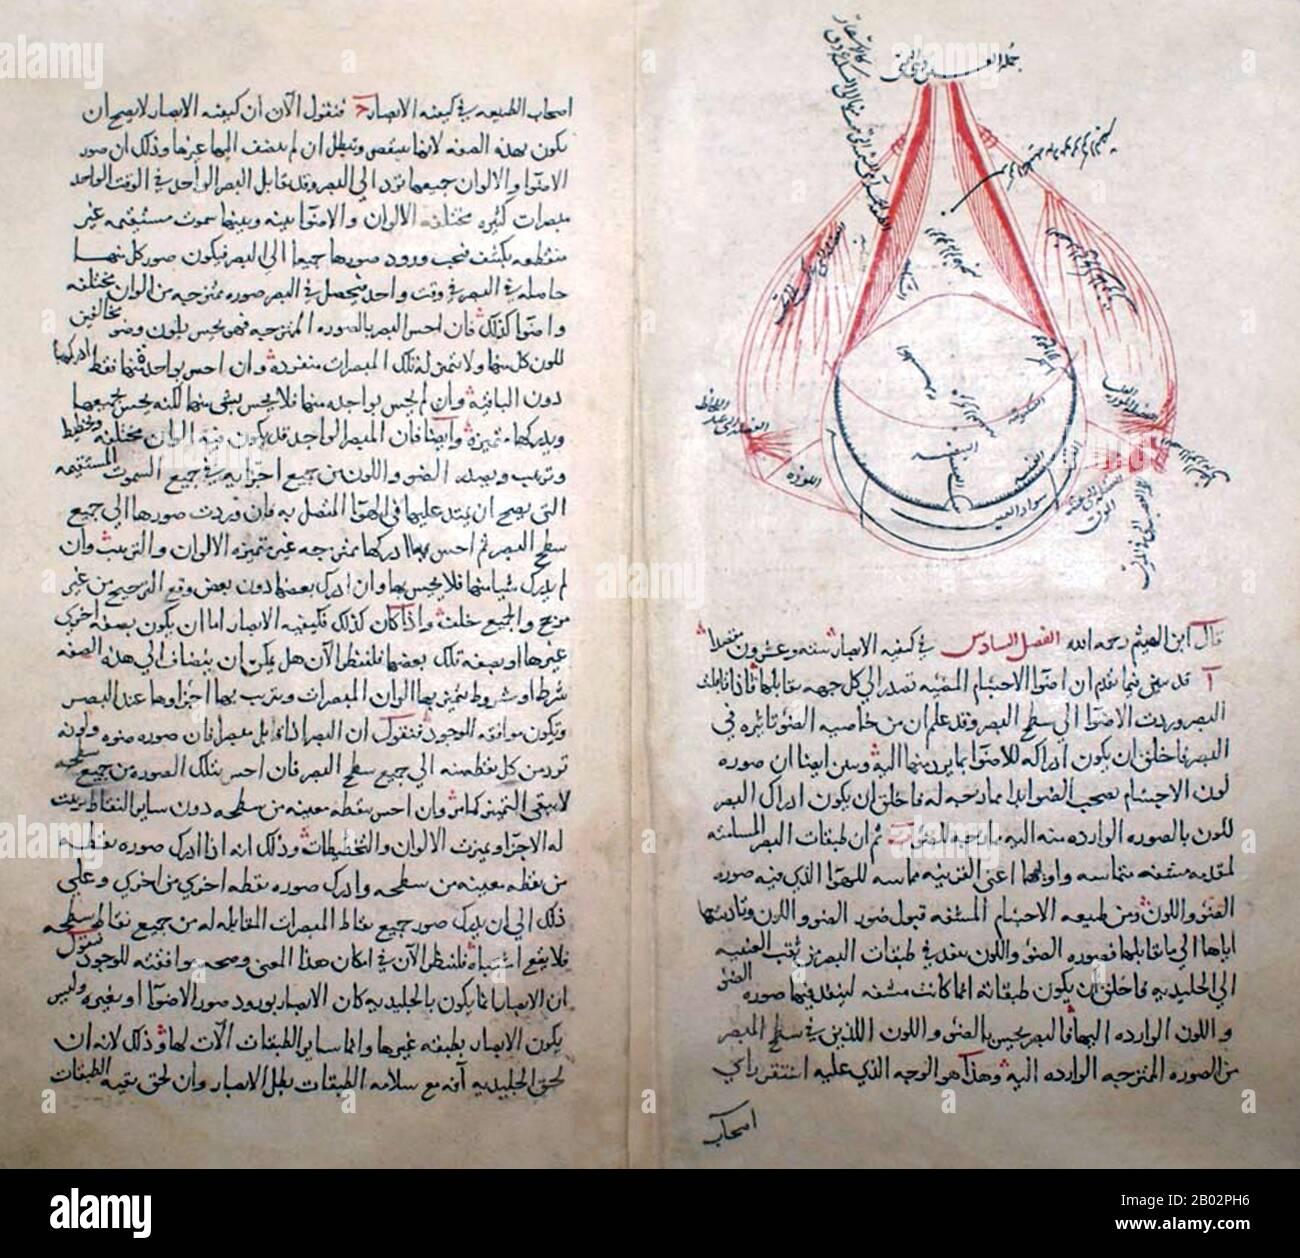 Kamal al-Din Hasan ibn Ali ibn Hasan al-Farisi o Abu Hasan Muhammad ibn Hasan (1319 a 12 de enero de 1267 (en persa: كمالالدين فارسی) fue un persa prominente nacido en Tabriz, Irán. Hizo dos importantes contribuciones a la ciencia, una sobre óptica y la otra sobre teoría de números. Farisi era alumno del gran astrónomo y matemático Qutb al-Din al-Shirazi, que a su vez era alumno de Nasir al-Din Tusi. Su trabajo en óptica fue motivado por una pregunta que se le hizo acerca de la refracción de la luz. Shirazi le aconsejó que consultara 'el Libro de la óptica' de Ibn al-Haytham (Alhacén), y Farisi hizo una St tan profunda Foto de stock